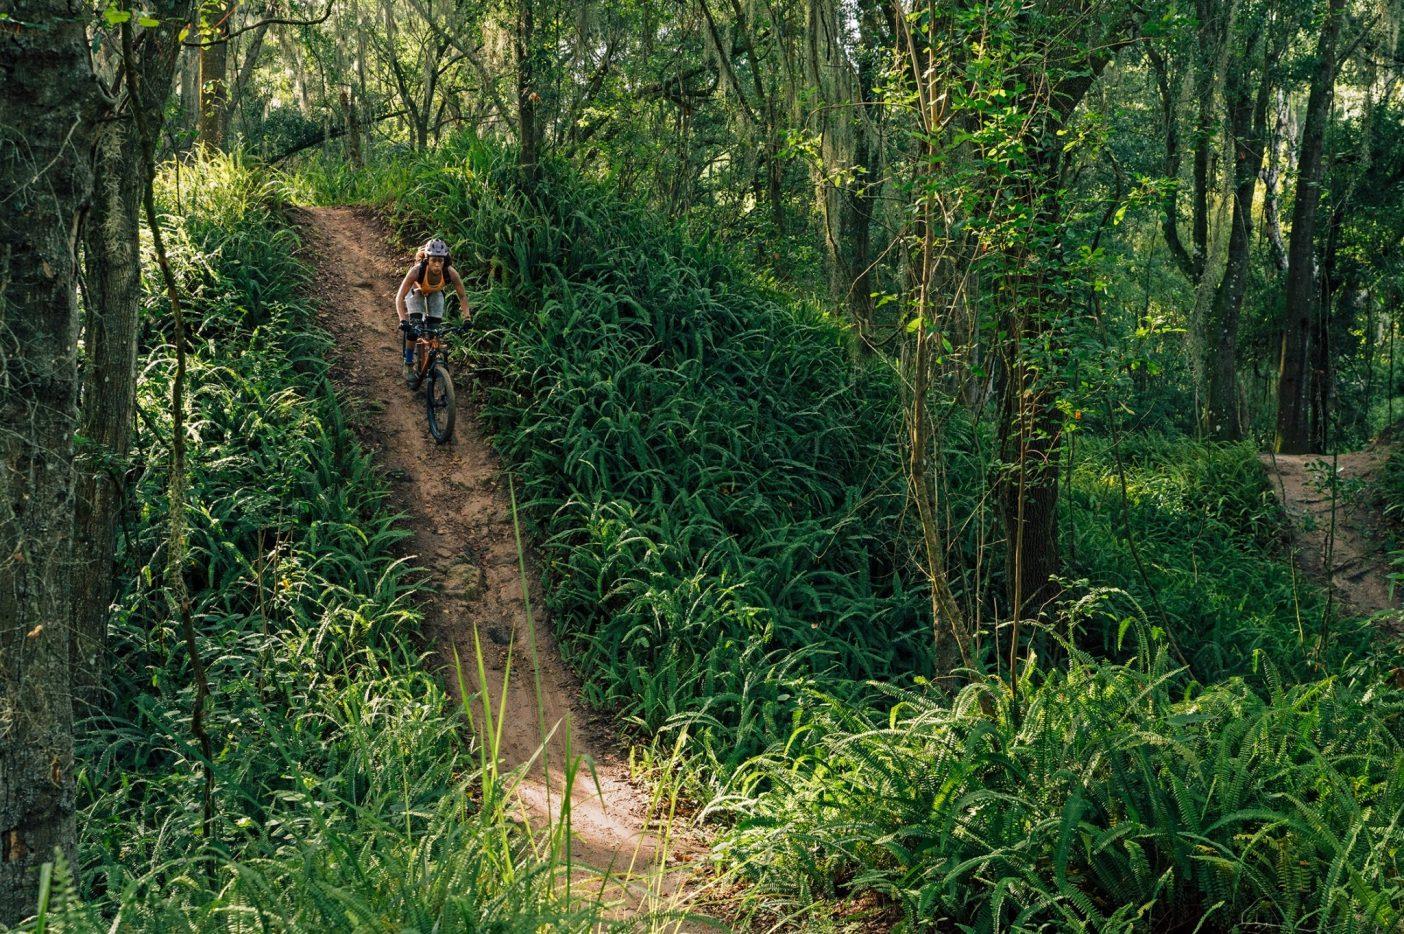 バーム・ボイエットを象徴するトレイル「リッジライン」に多数存在する、急勾配の坂のひとつを攻めるアナリース。〈スワンプ〉の創設者ウェス・ユーバンクが15年以上前に造ったこのトレイルは、自然のままのジャングルを約3キロメートルにわたってくねくねと抜け、ほんの数百メートル先に芝生農園が存在することを忘れてしまうほど野生的。Photo : Nathalie DuPré